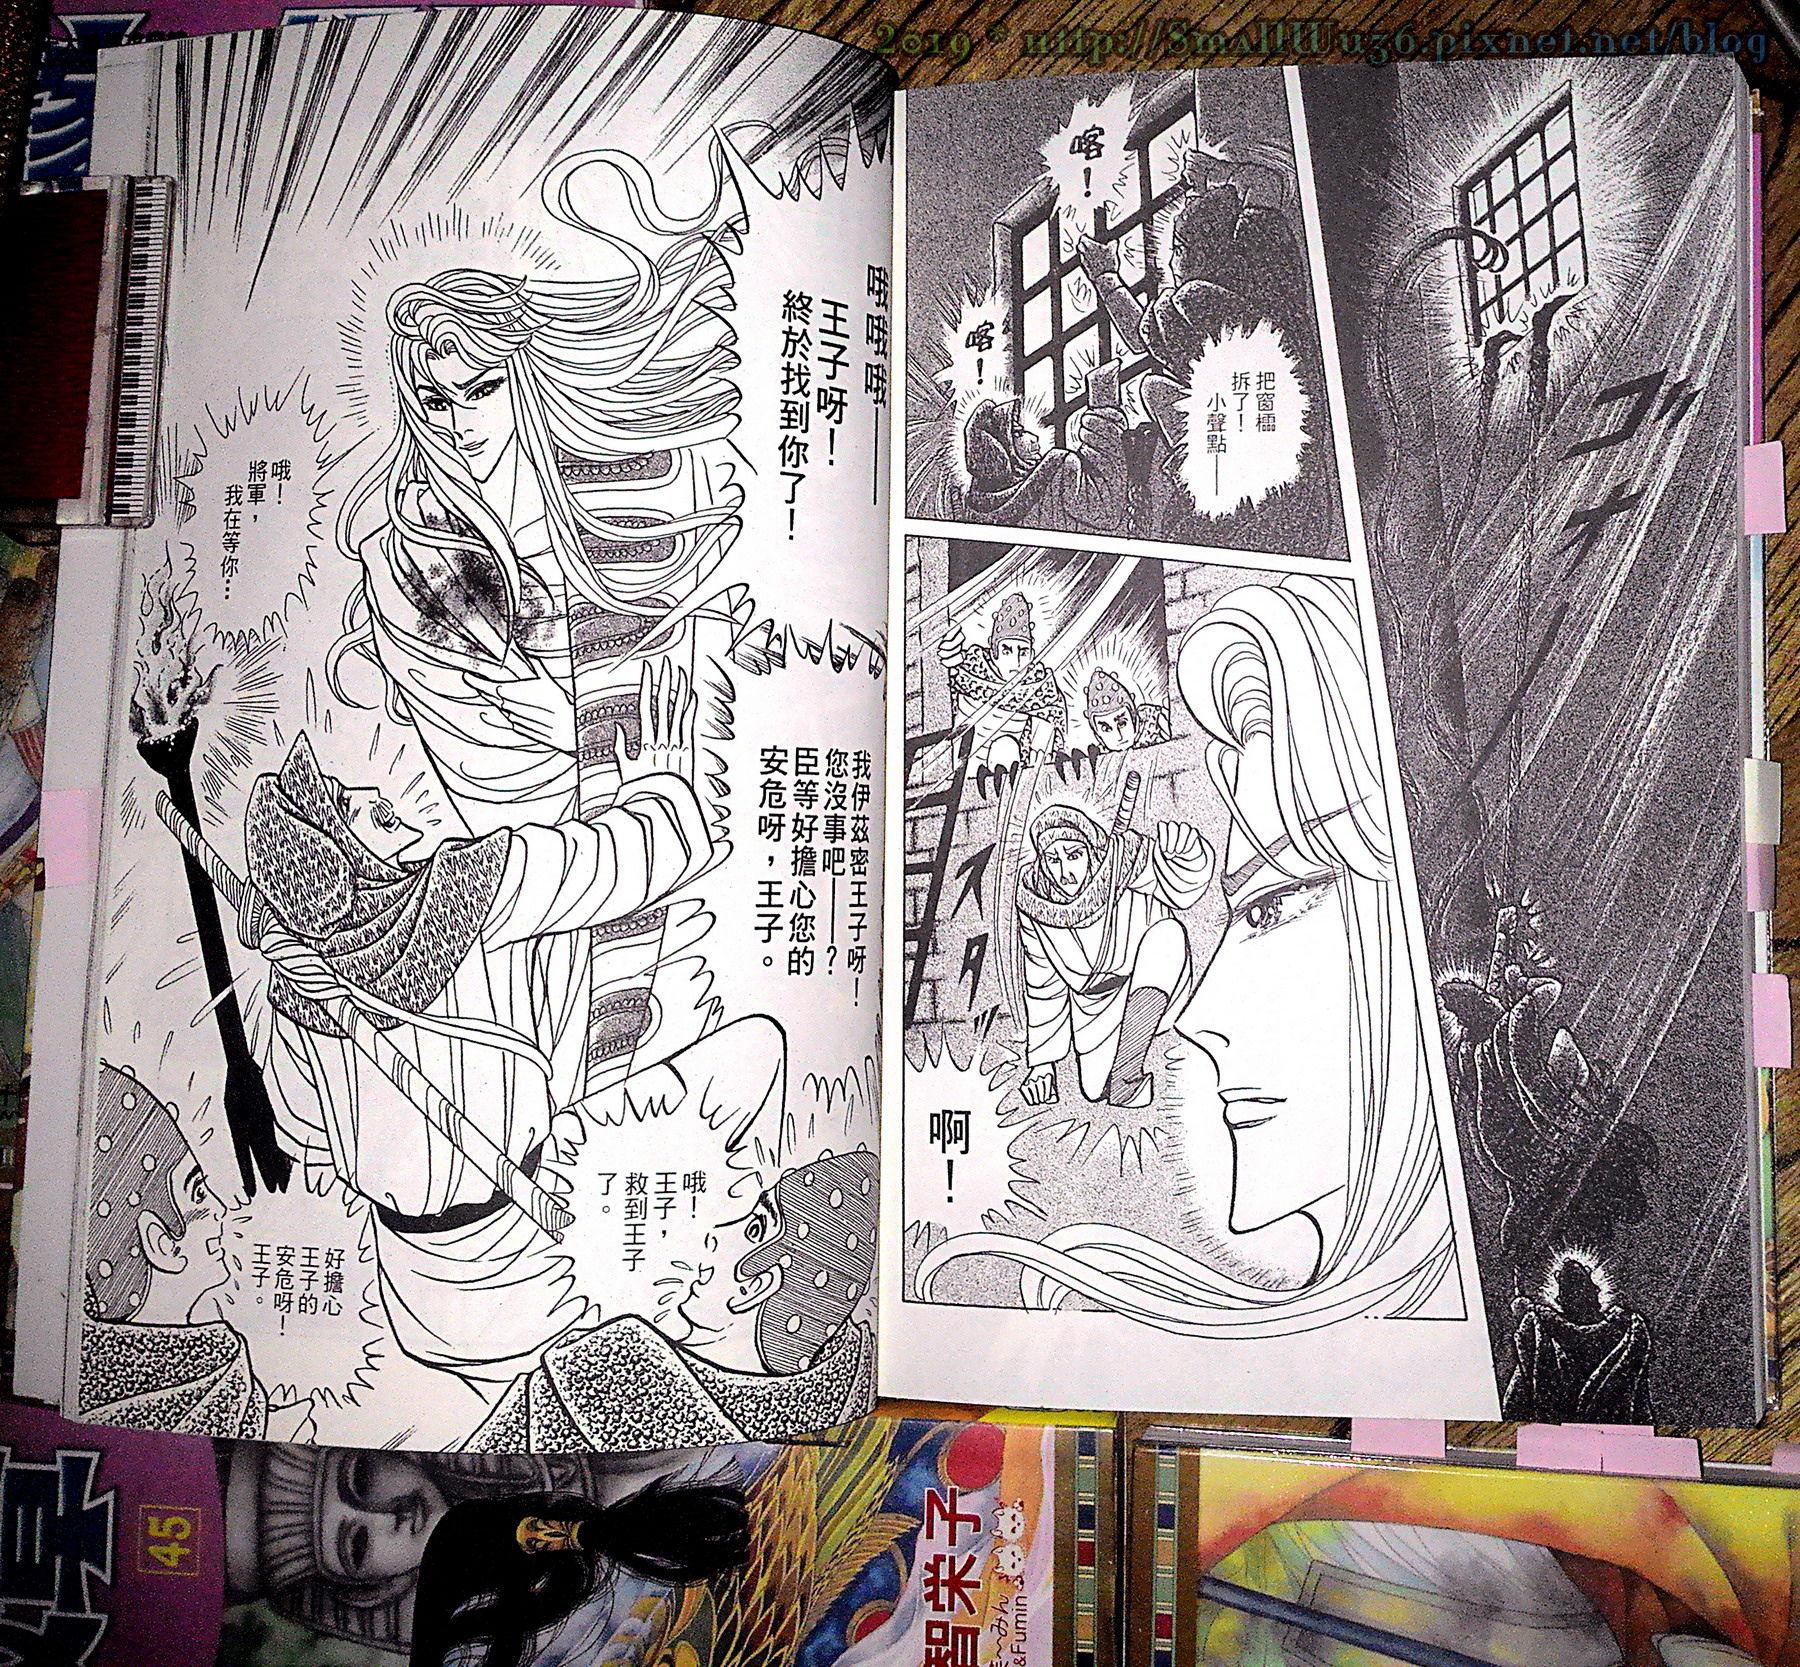 細川智榮子-王家的紋章(尼羅河女兒) 01-48 (長鴻)  vol_46 後期伊茲密.jpg